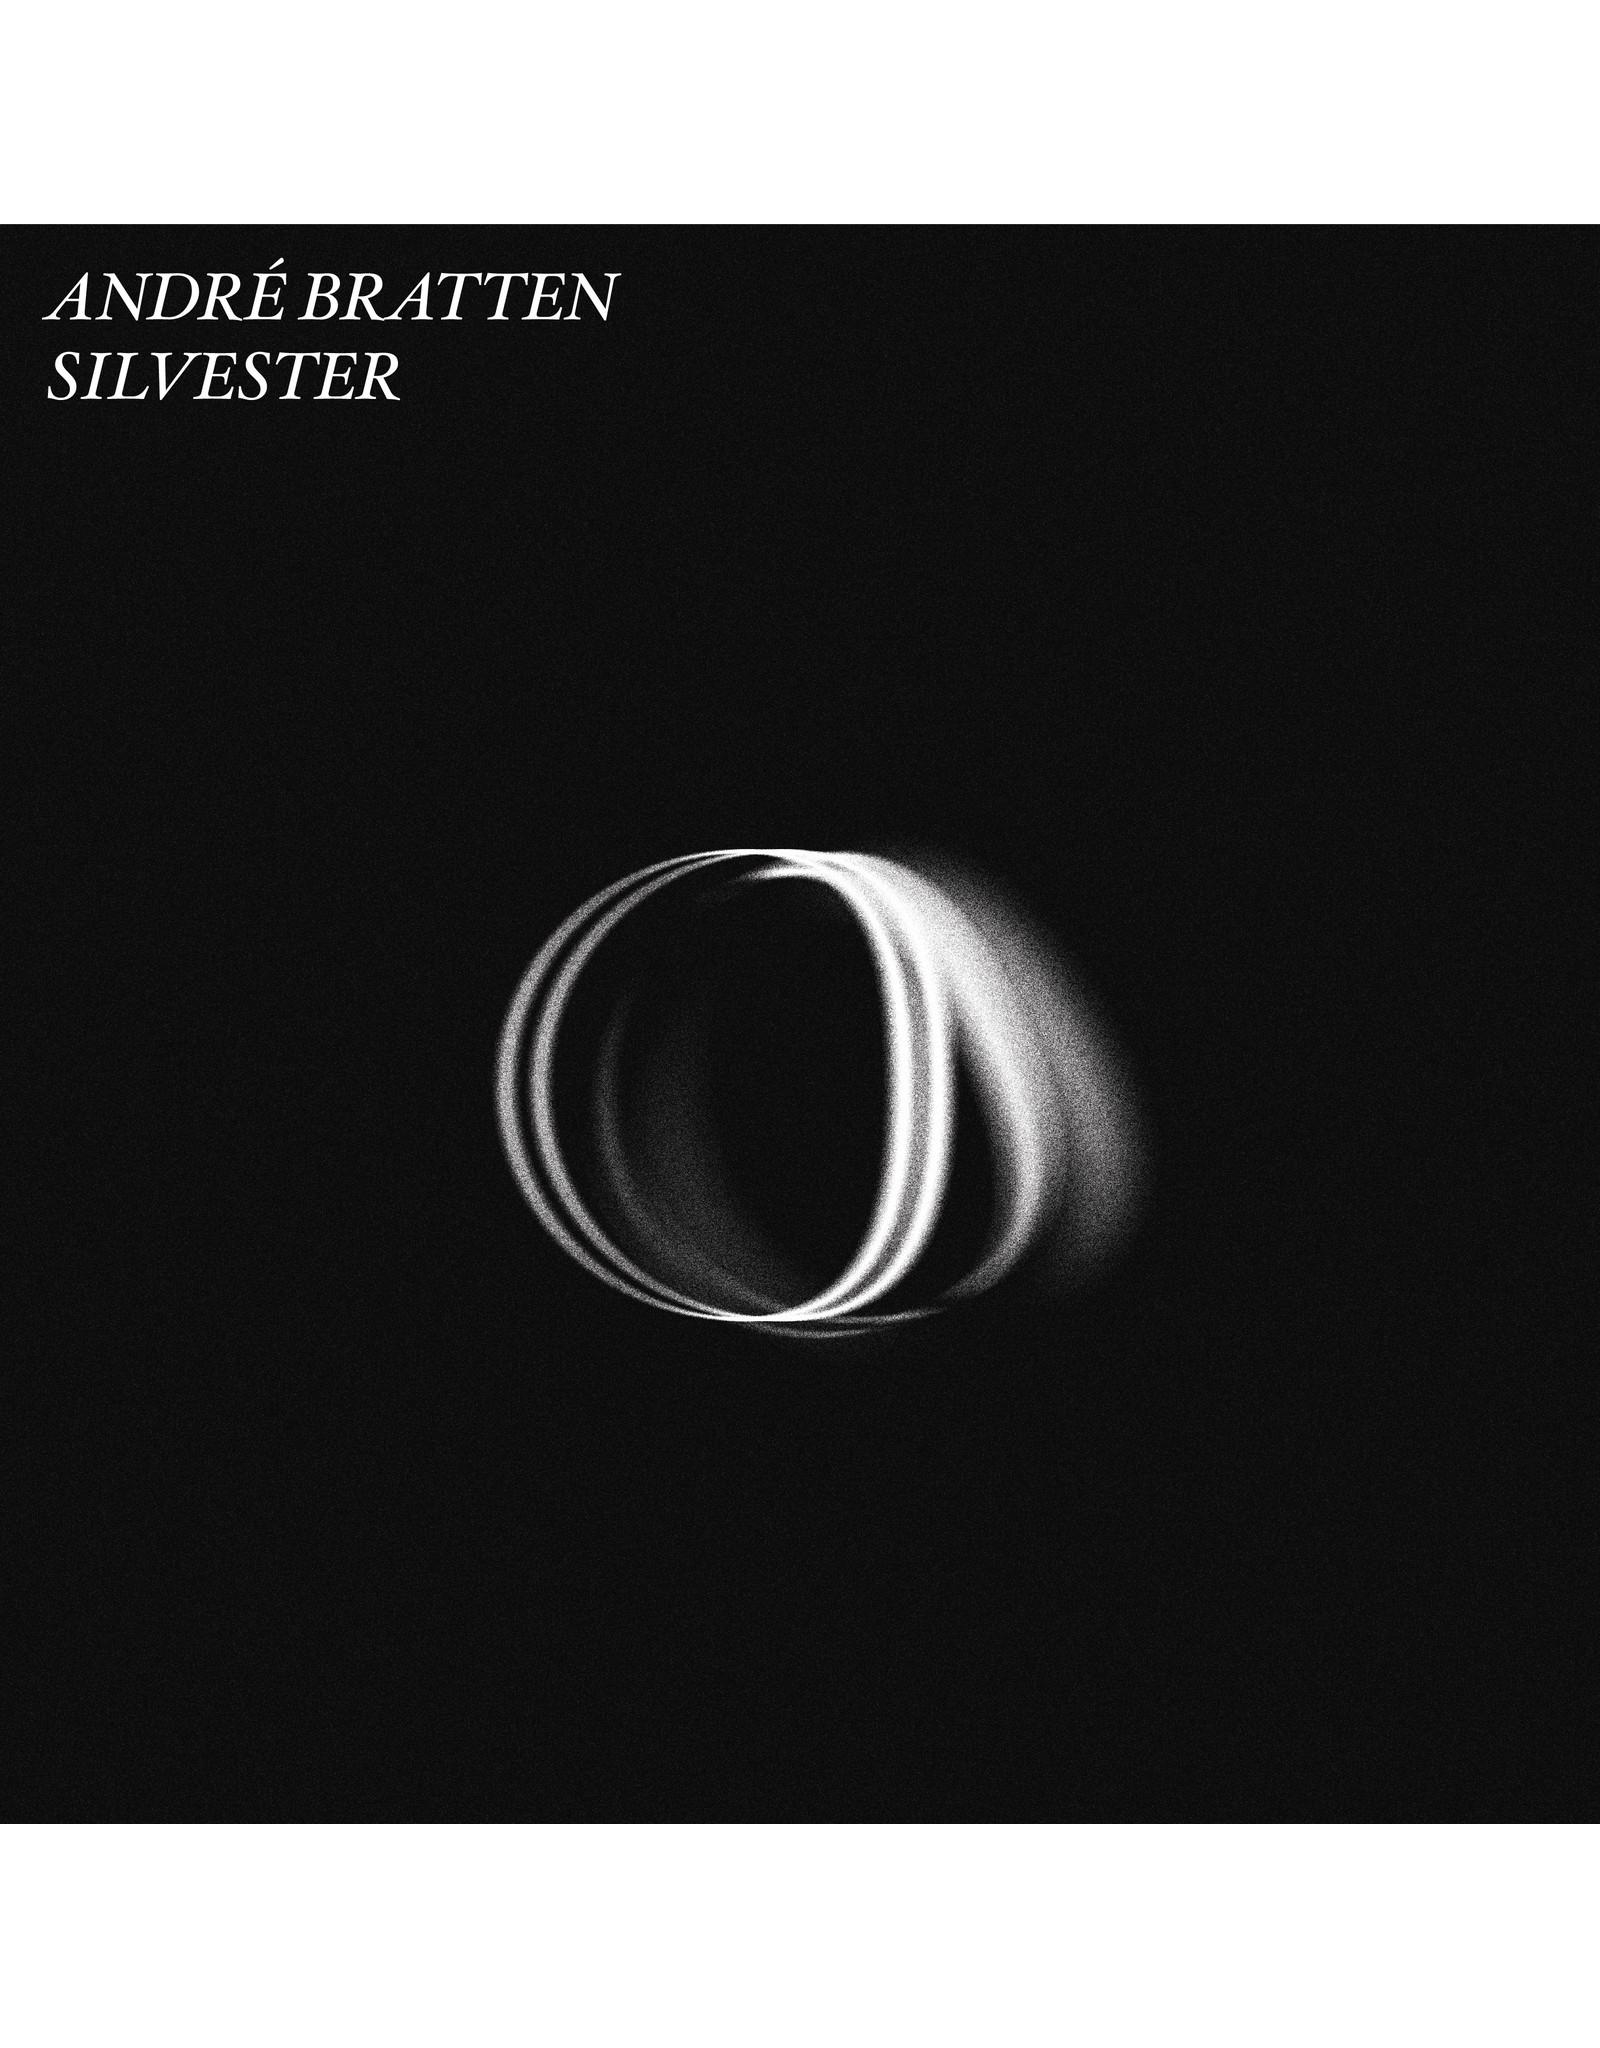 New Vinyl Andre Bratten - Silvester 2LP